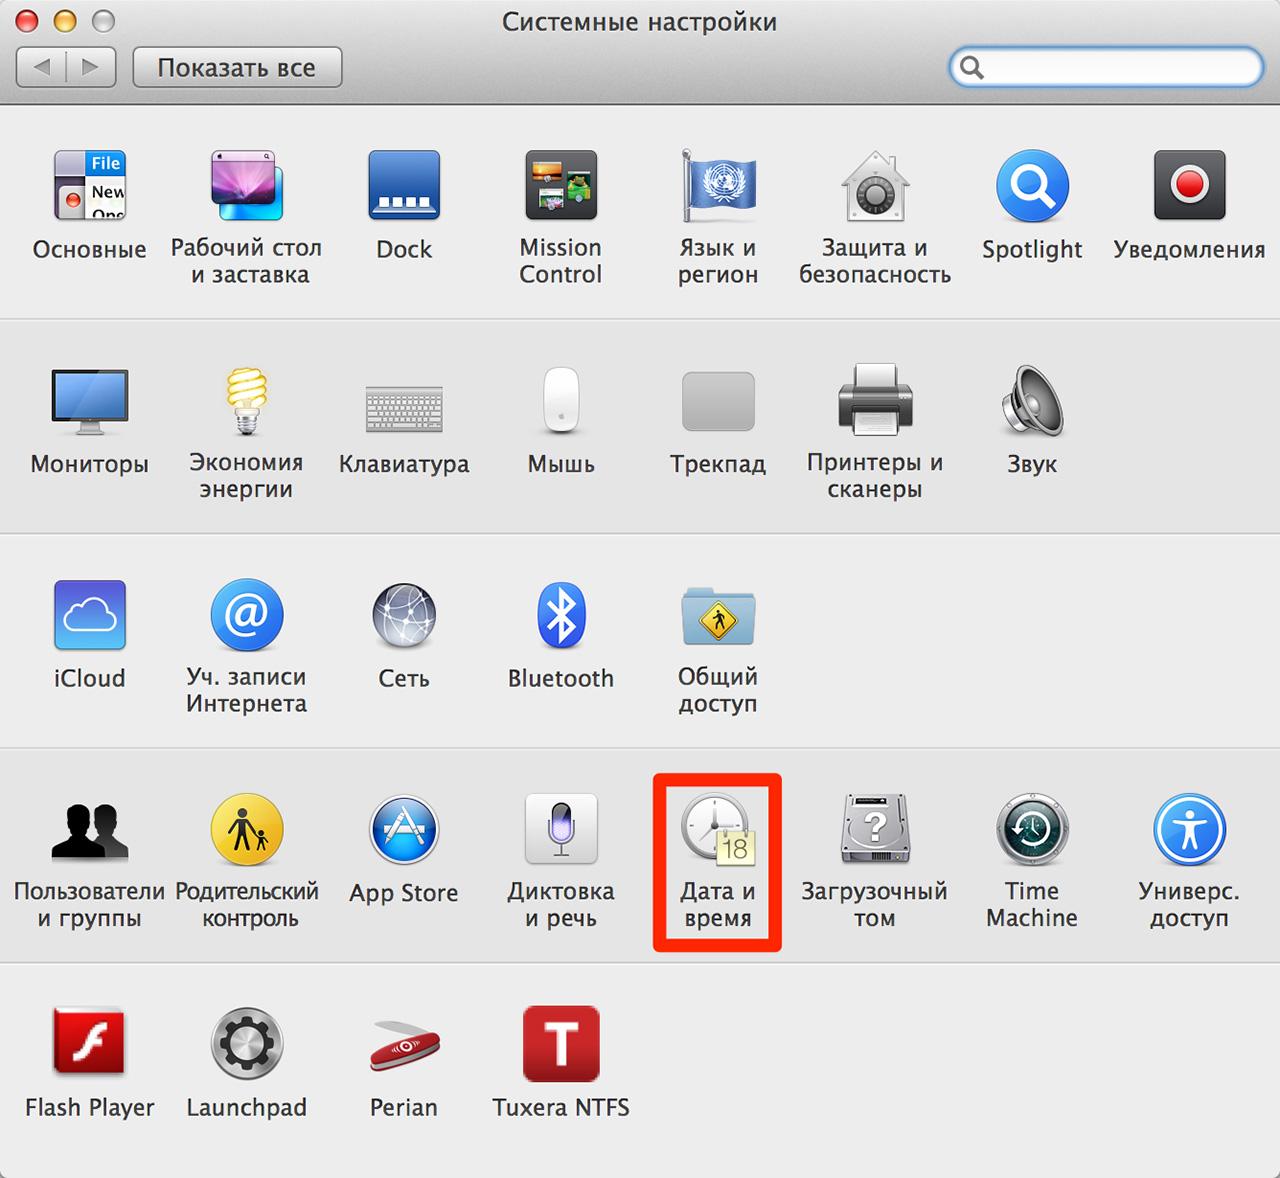 Системные настройки OS X - Дата и время